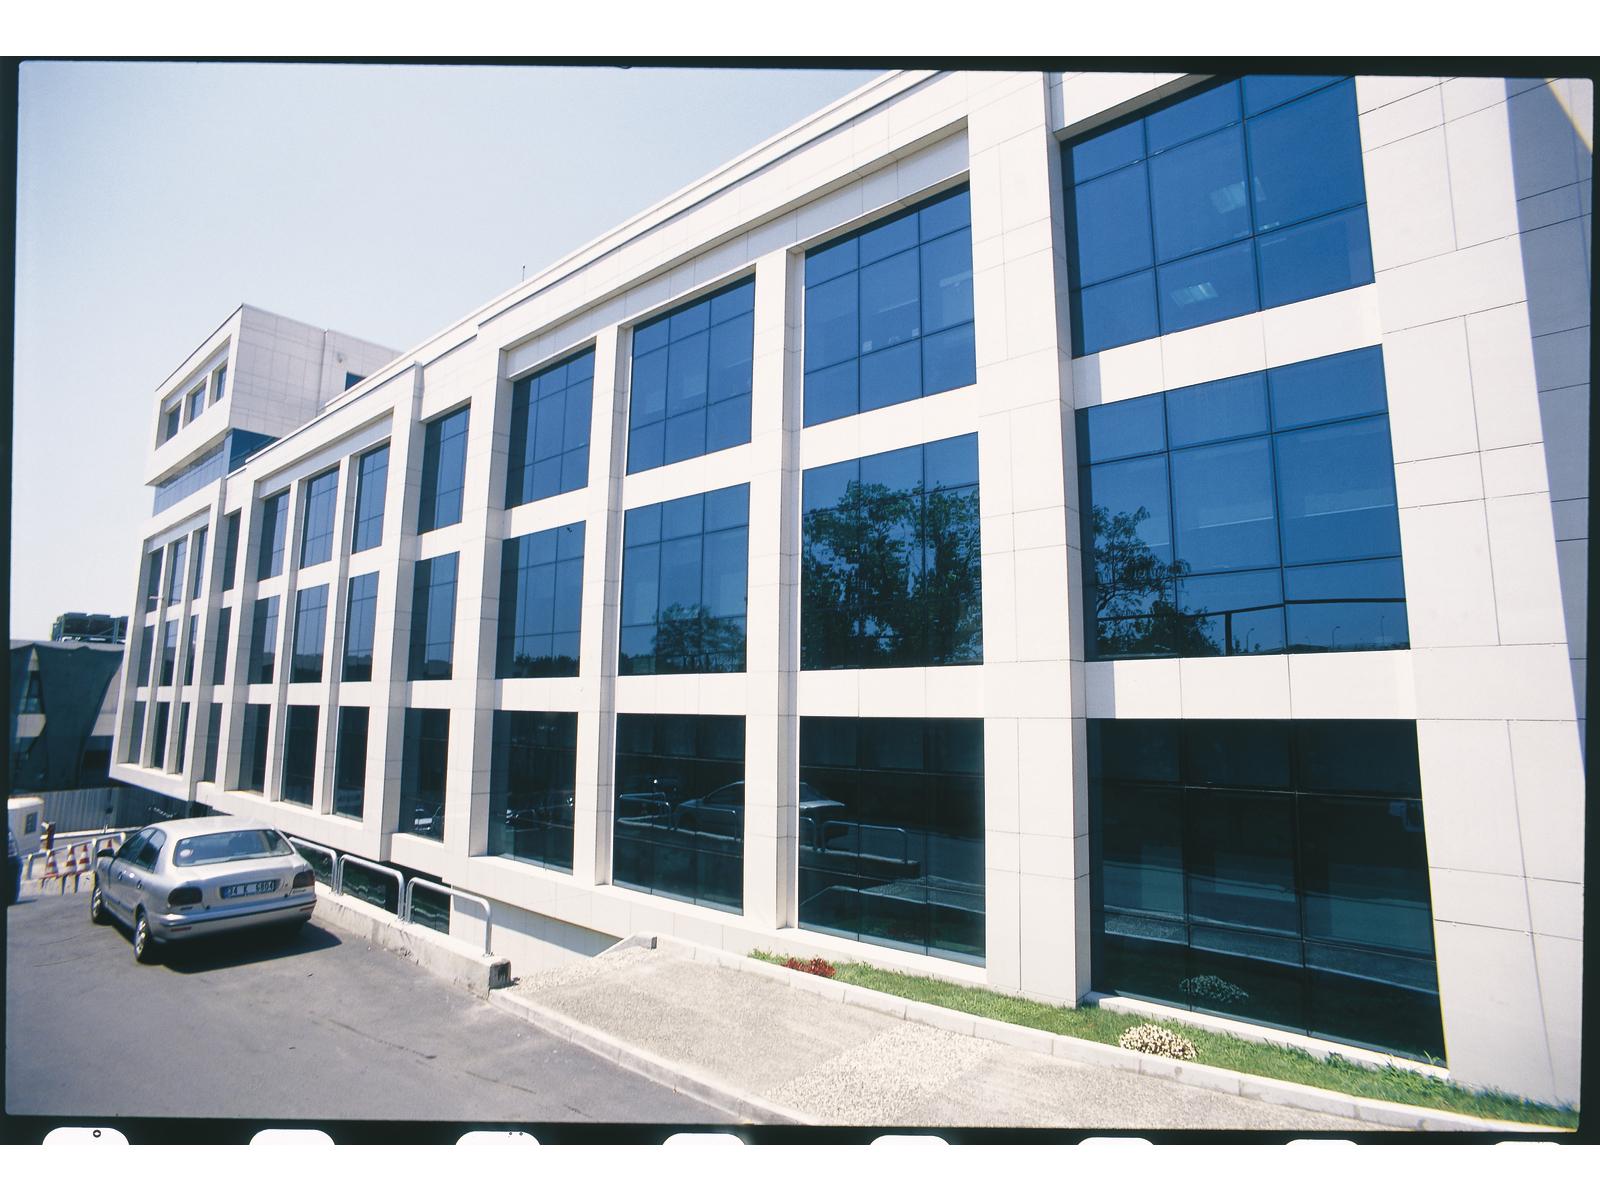 Arçelik Genel Müdürlük Binası